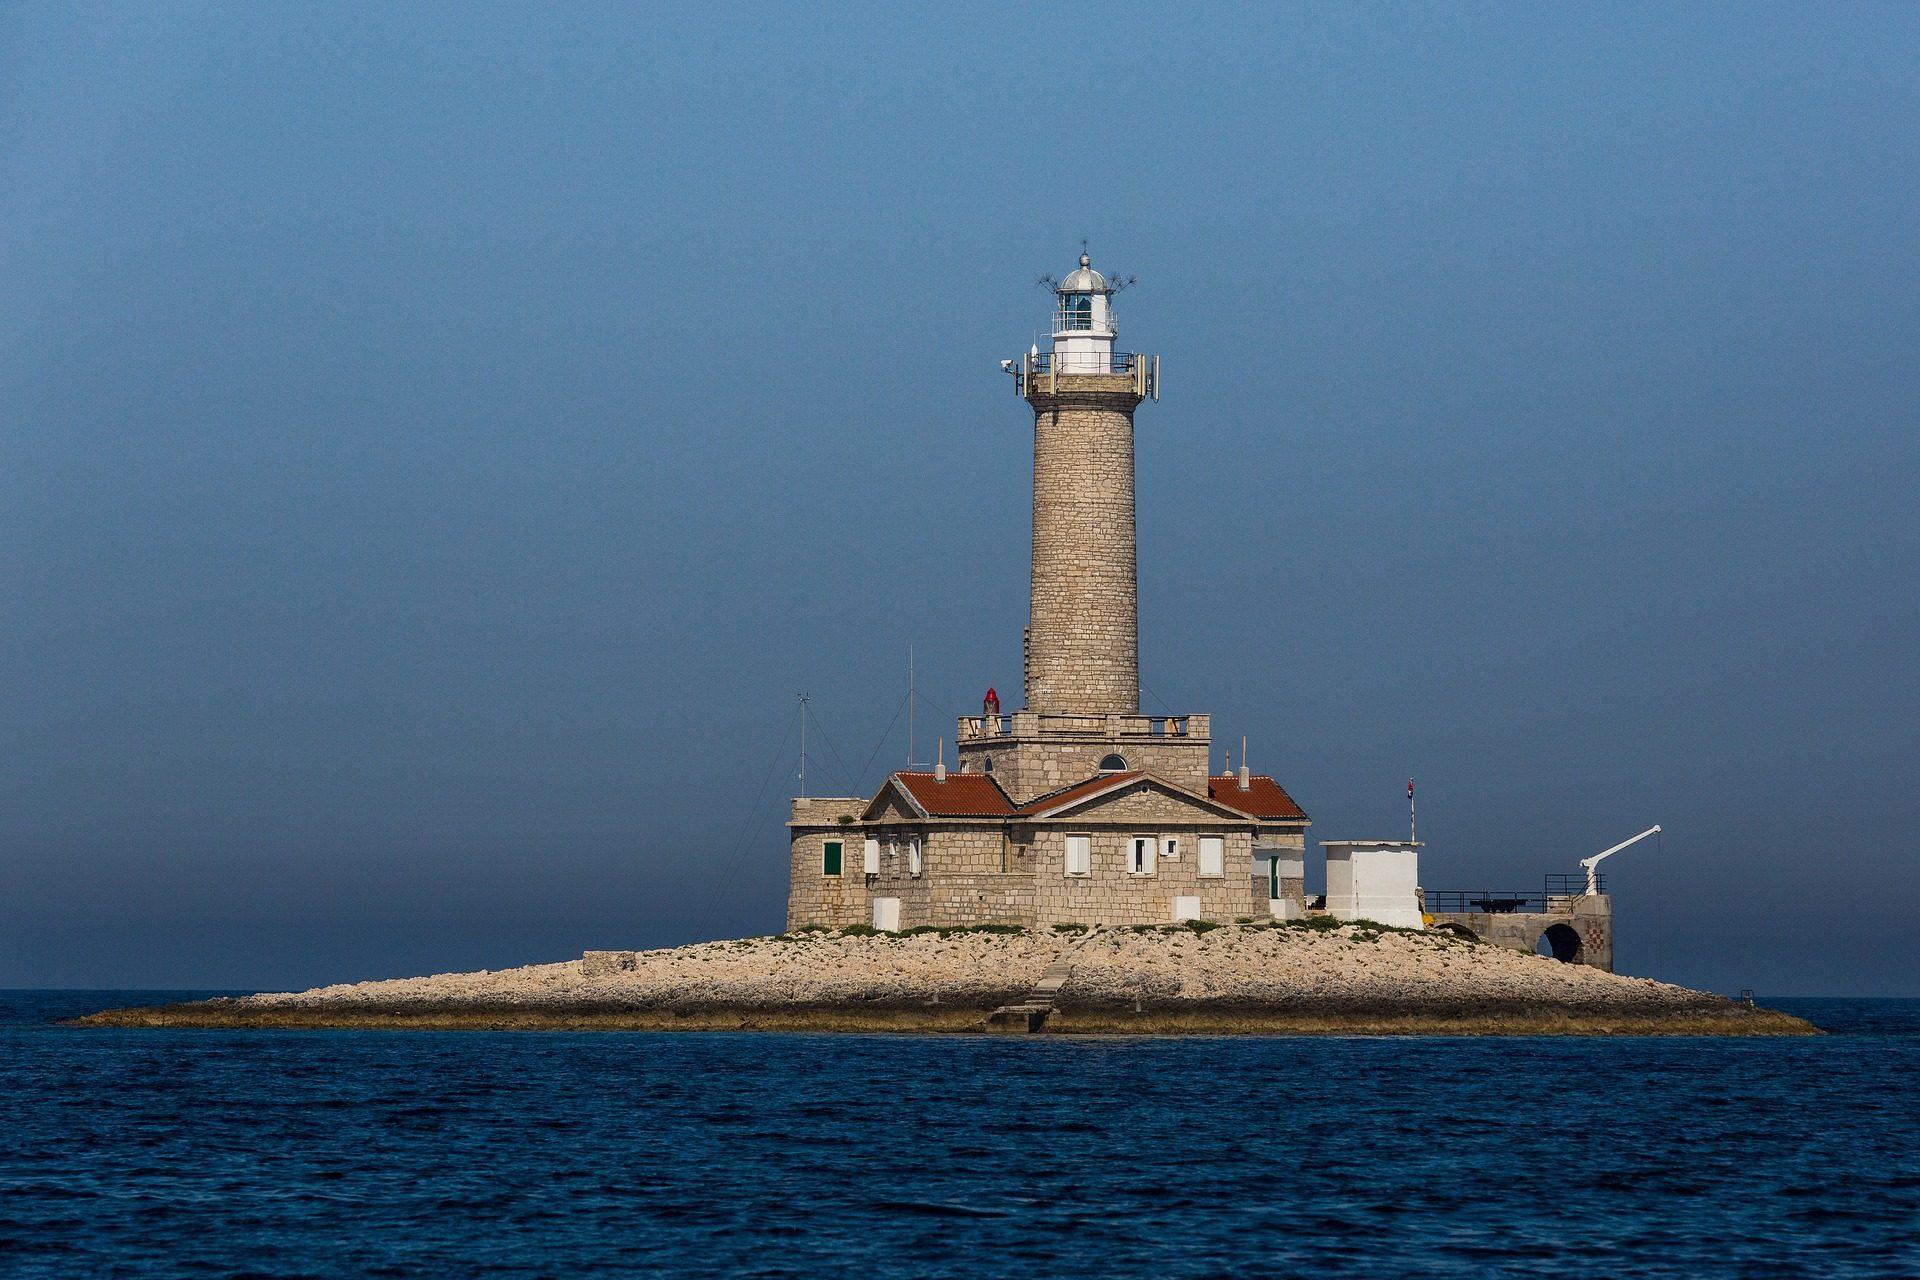 Φάρος, Νησί, Θάλασσα, Νησάκι, Πύργος - Wallpapers HD - Professor-falken.com